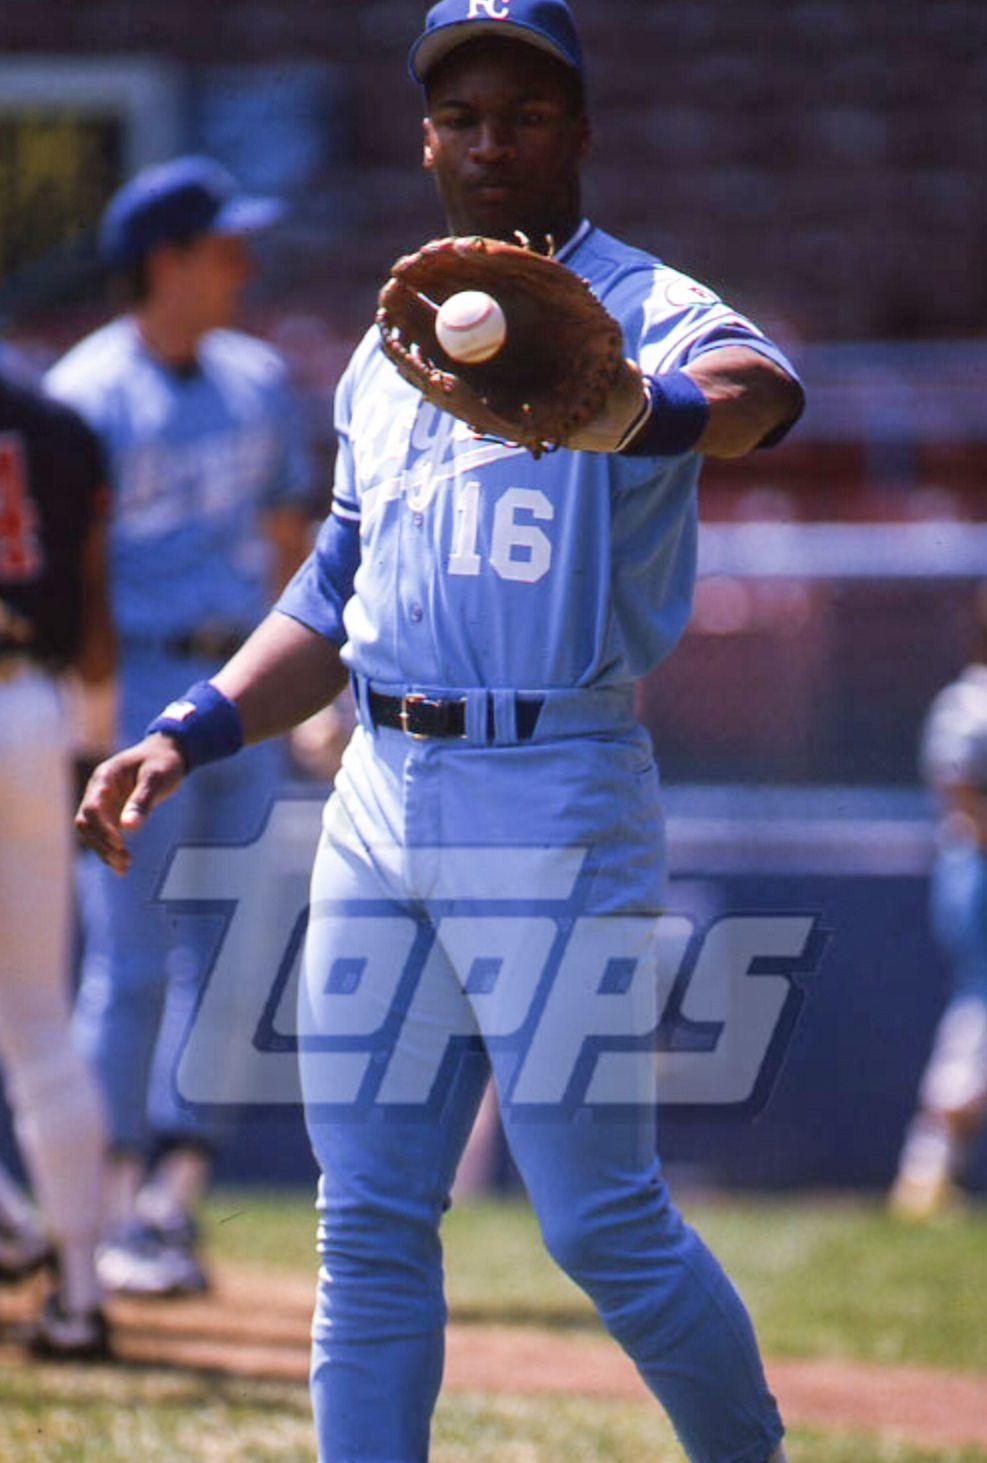 Bo Jackson Kansas City Royals Baseball star, Royals